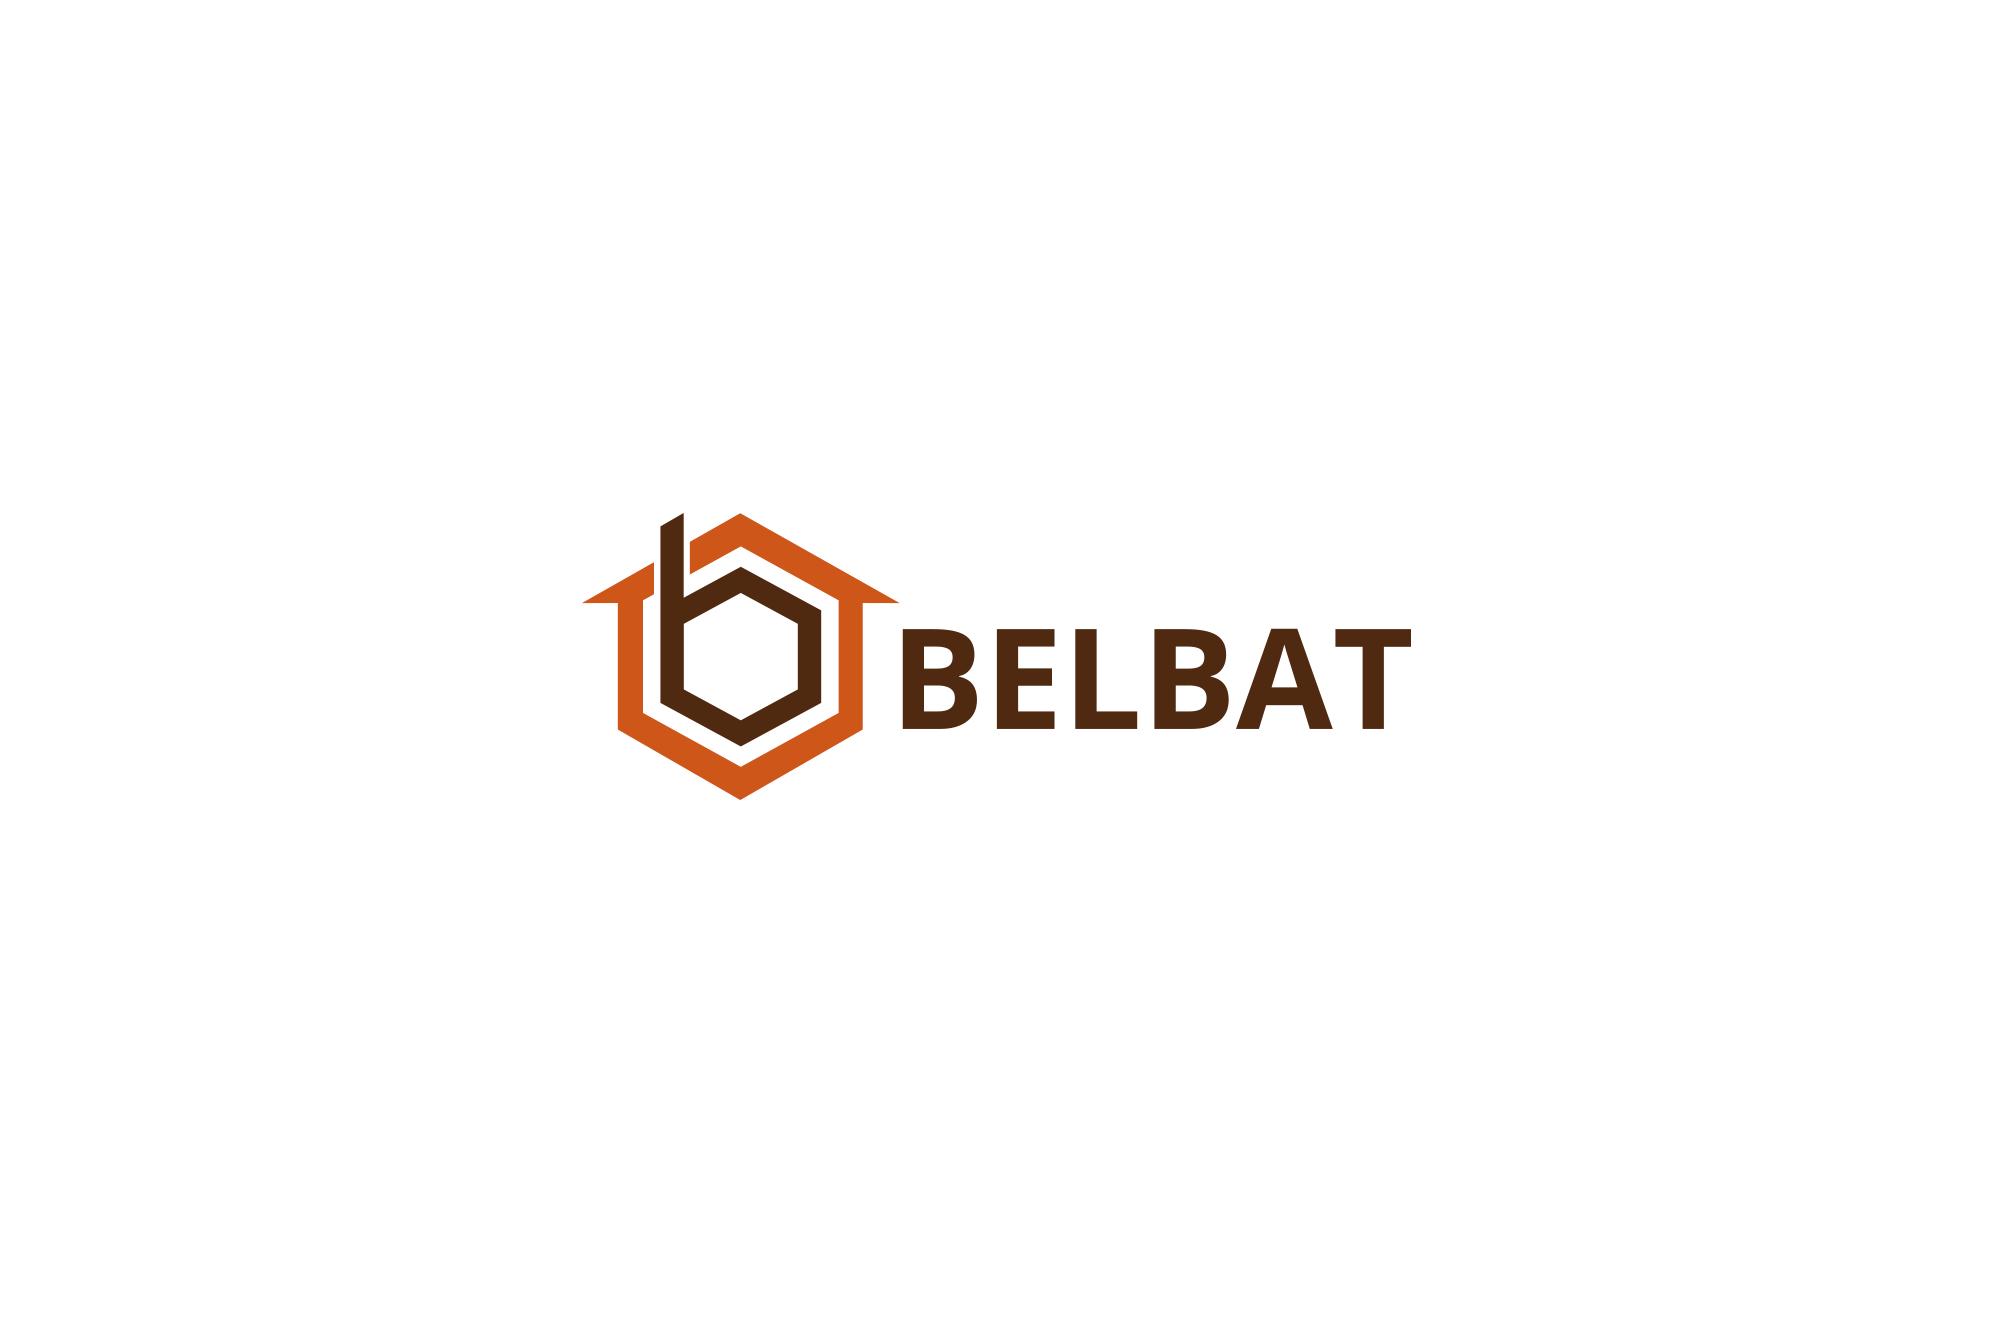 Logo belbat